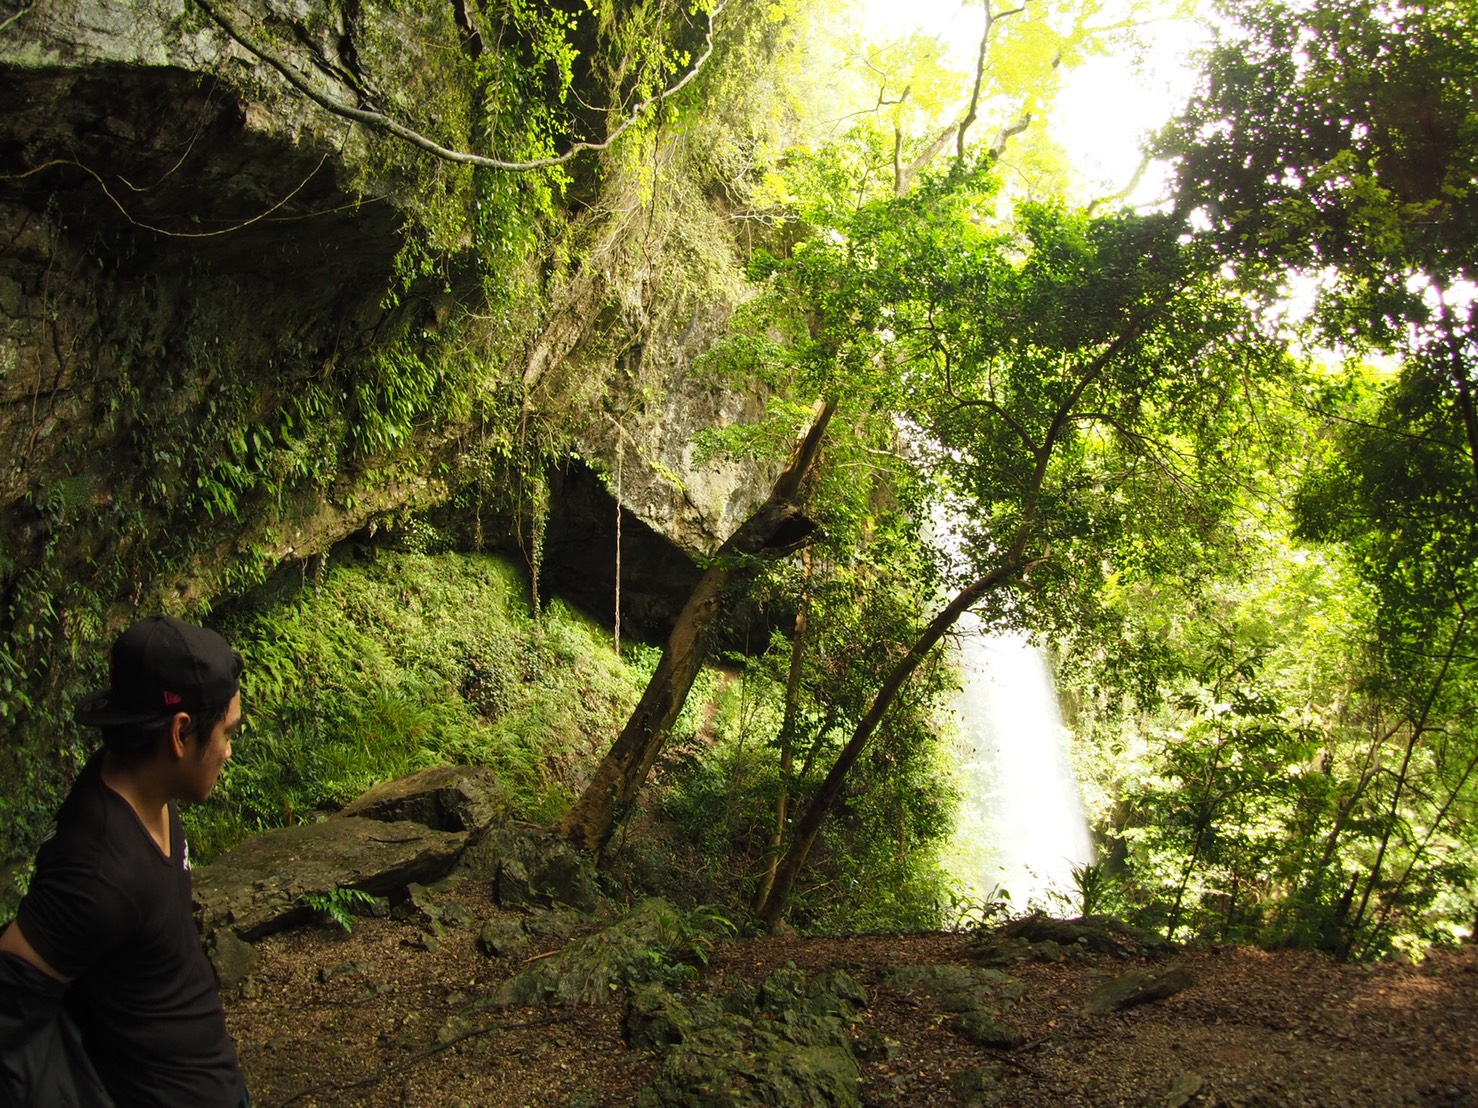 harleydavidson-motorcycle-touring-blog-wakayama-tsuginotaki-waterfall-view-4.jpg